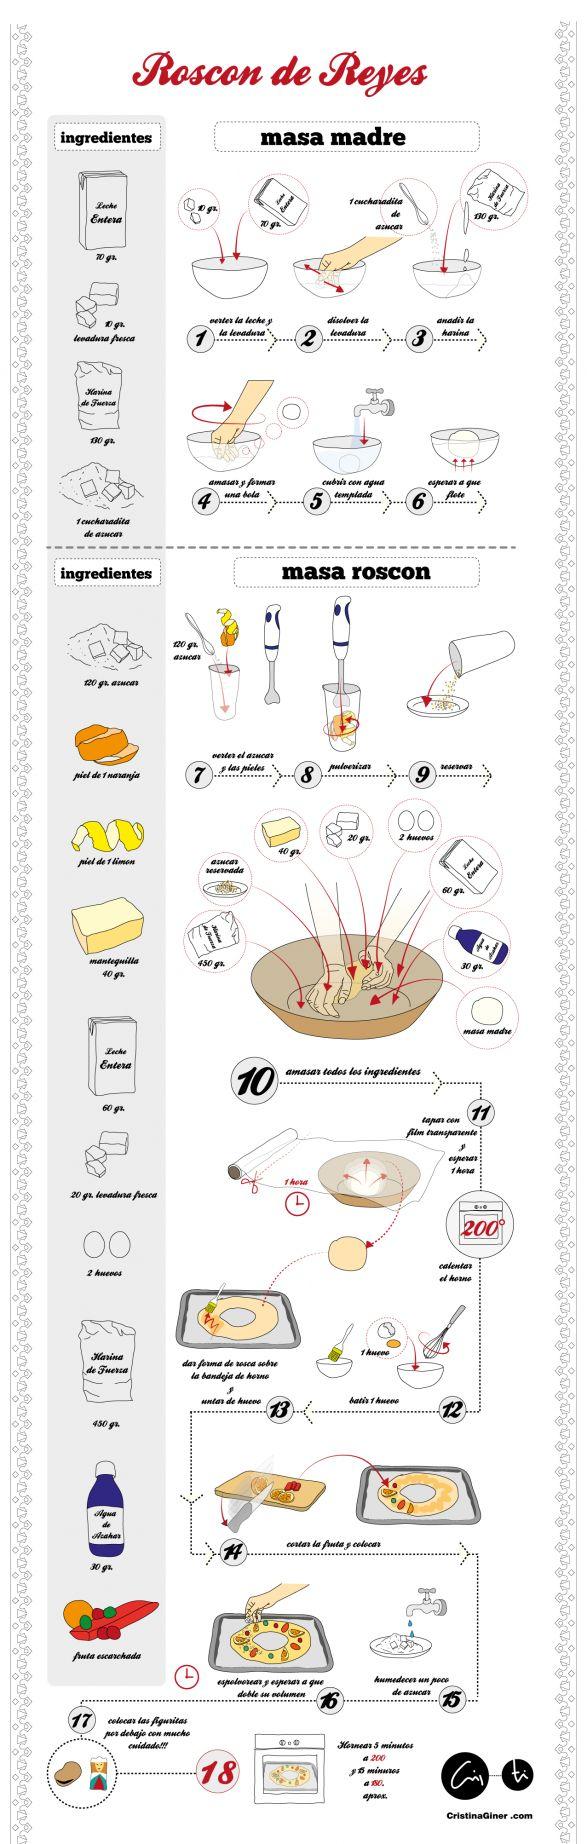 Roscón de Reyes #Recipe #Receta #Infografía